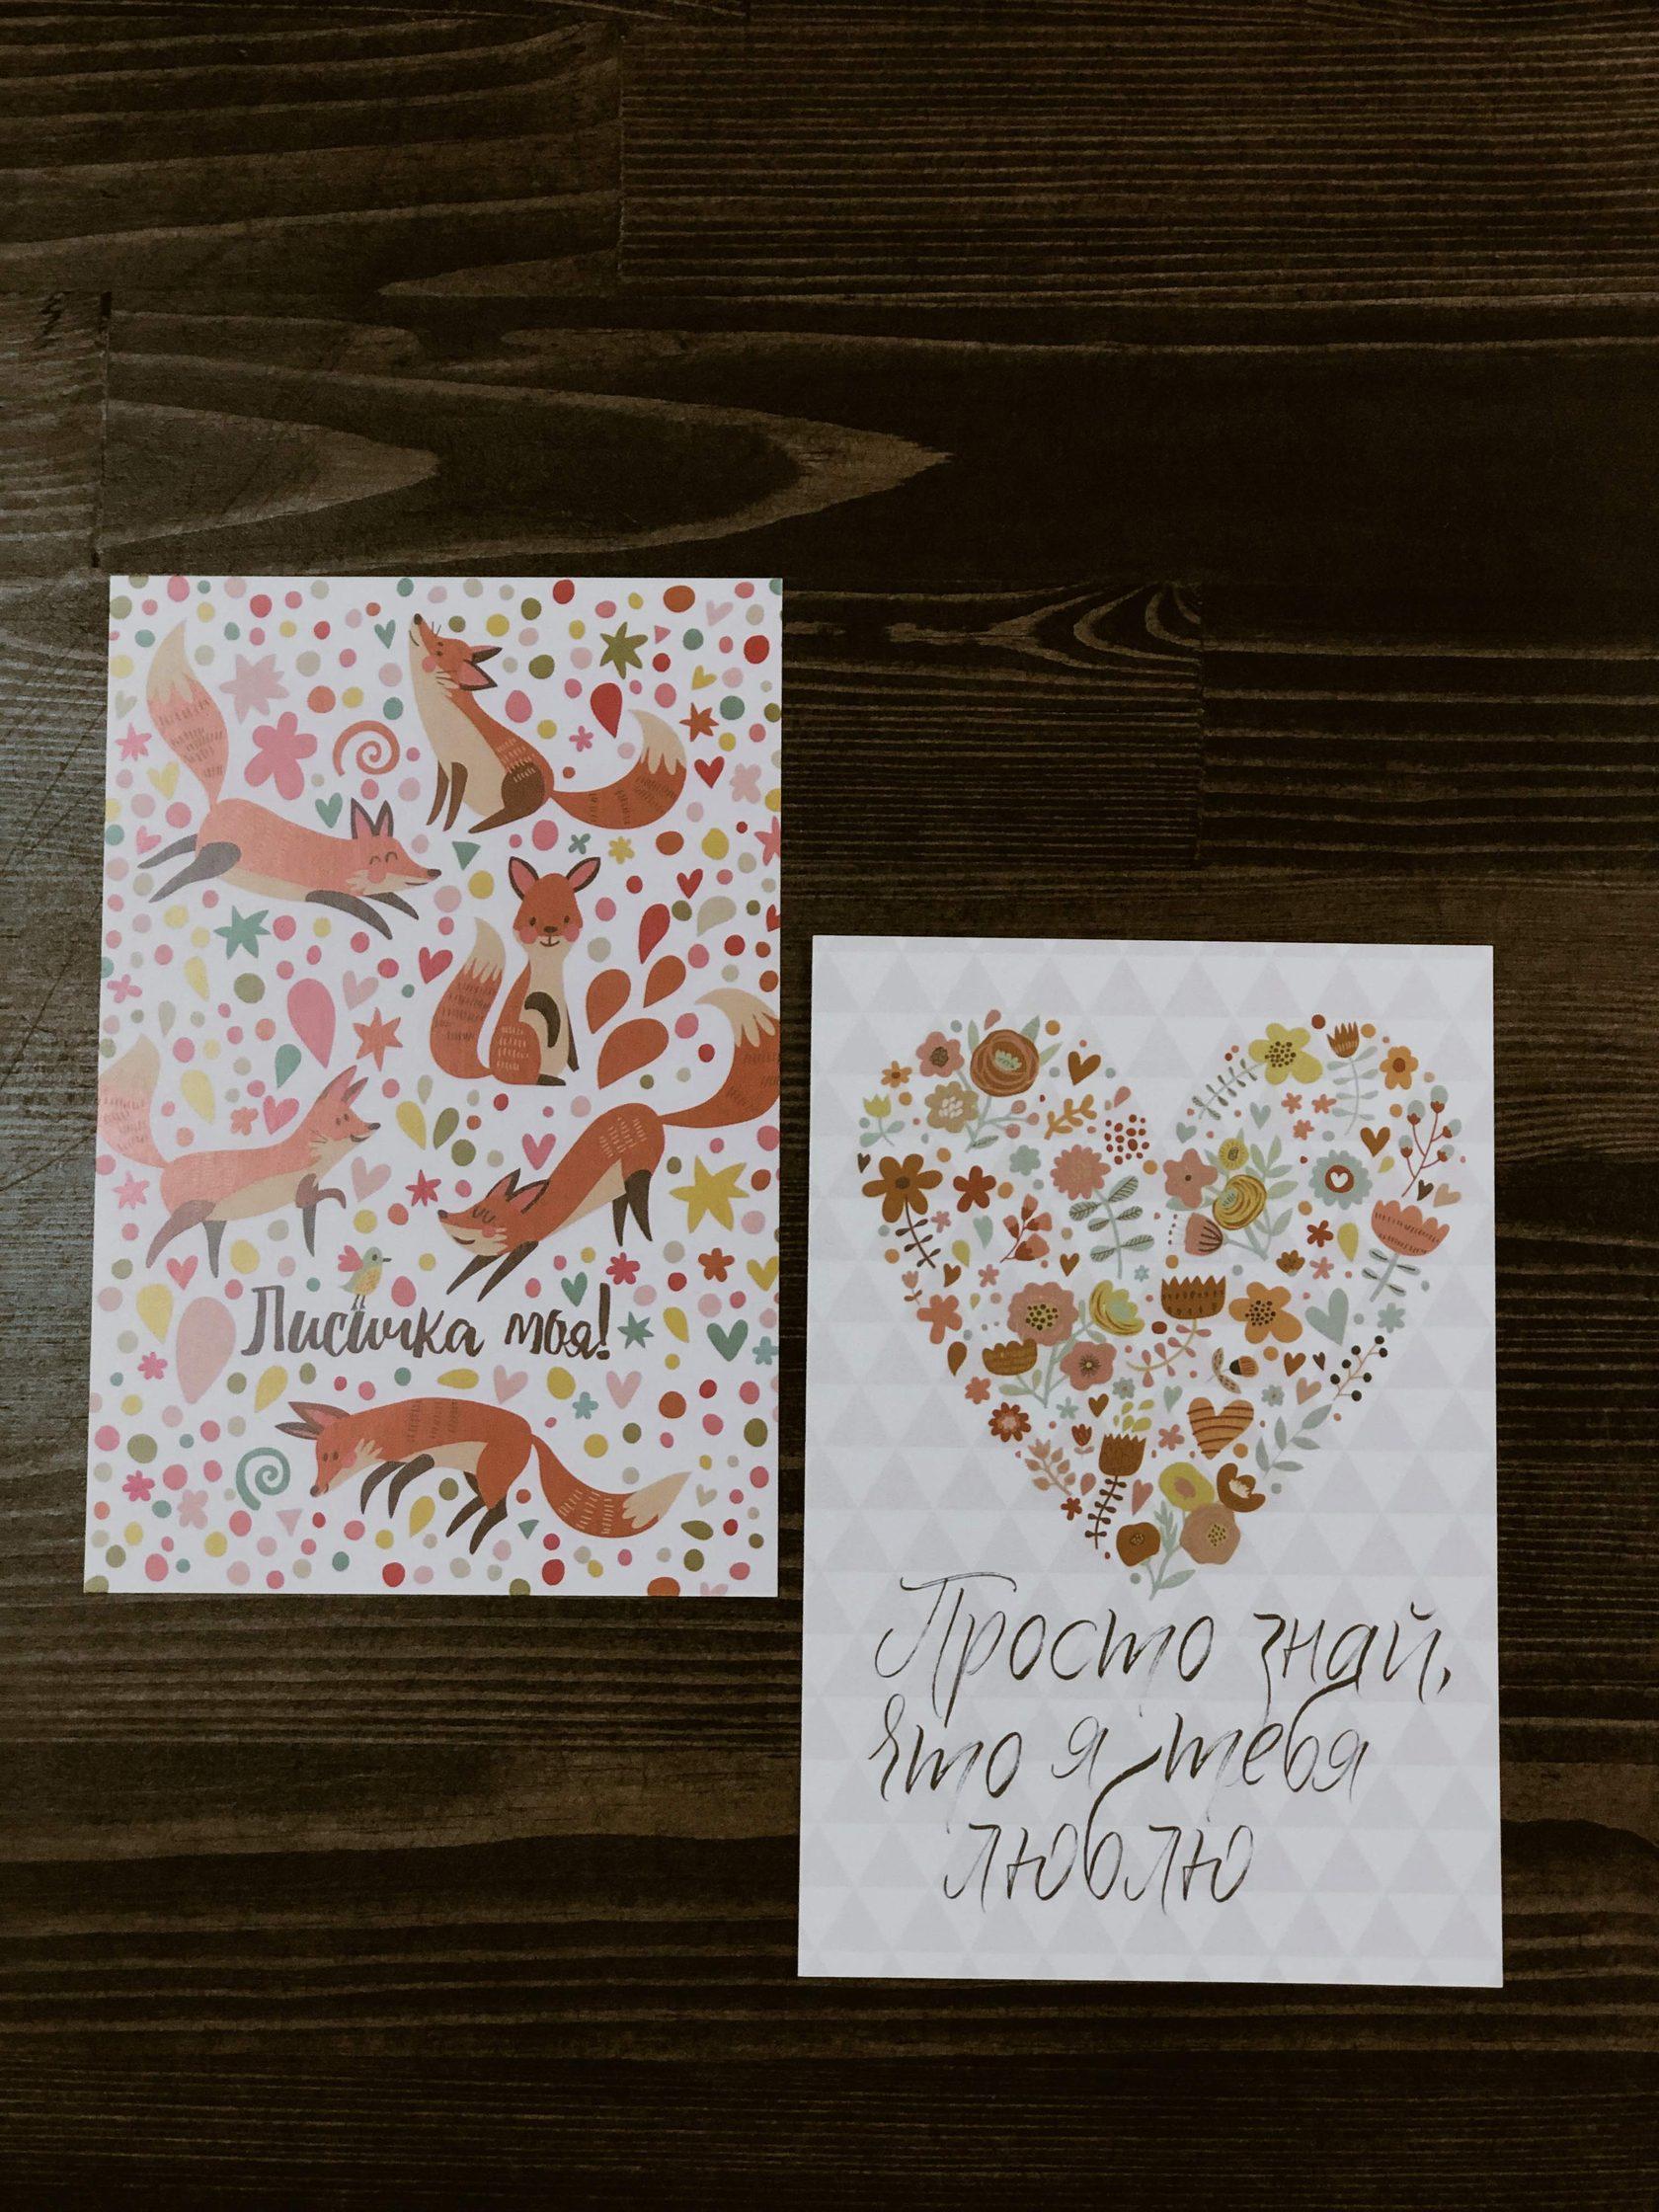 Односторонние открытки, про любовь анимированные